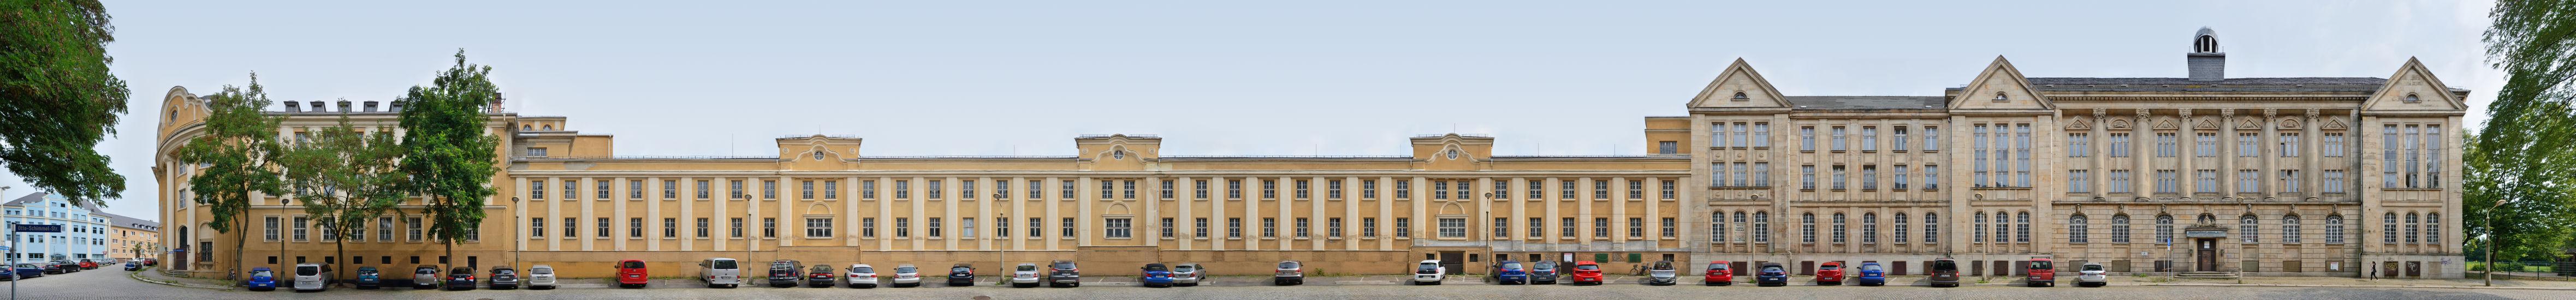 Palla | Industrial Architecture